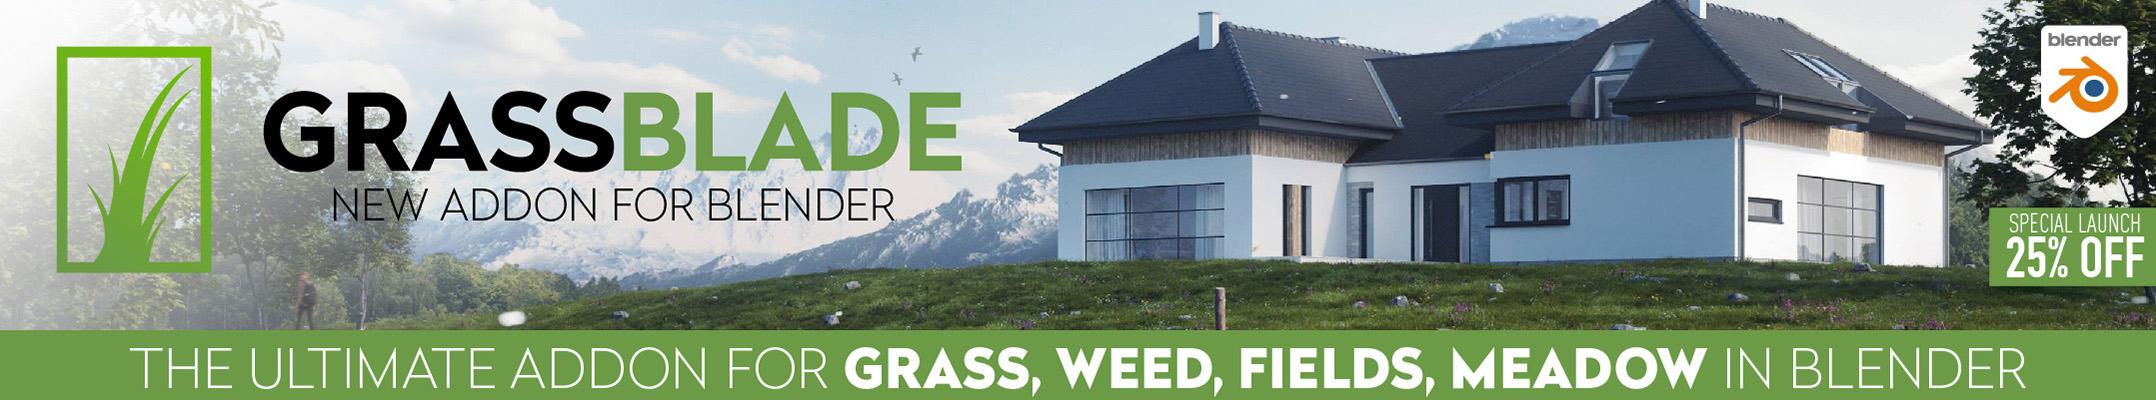 grassblade_blender_addon blenderartist